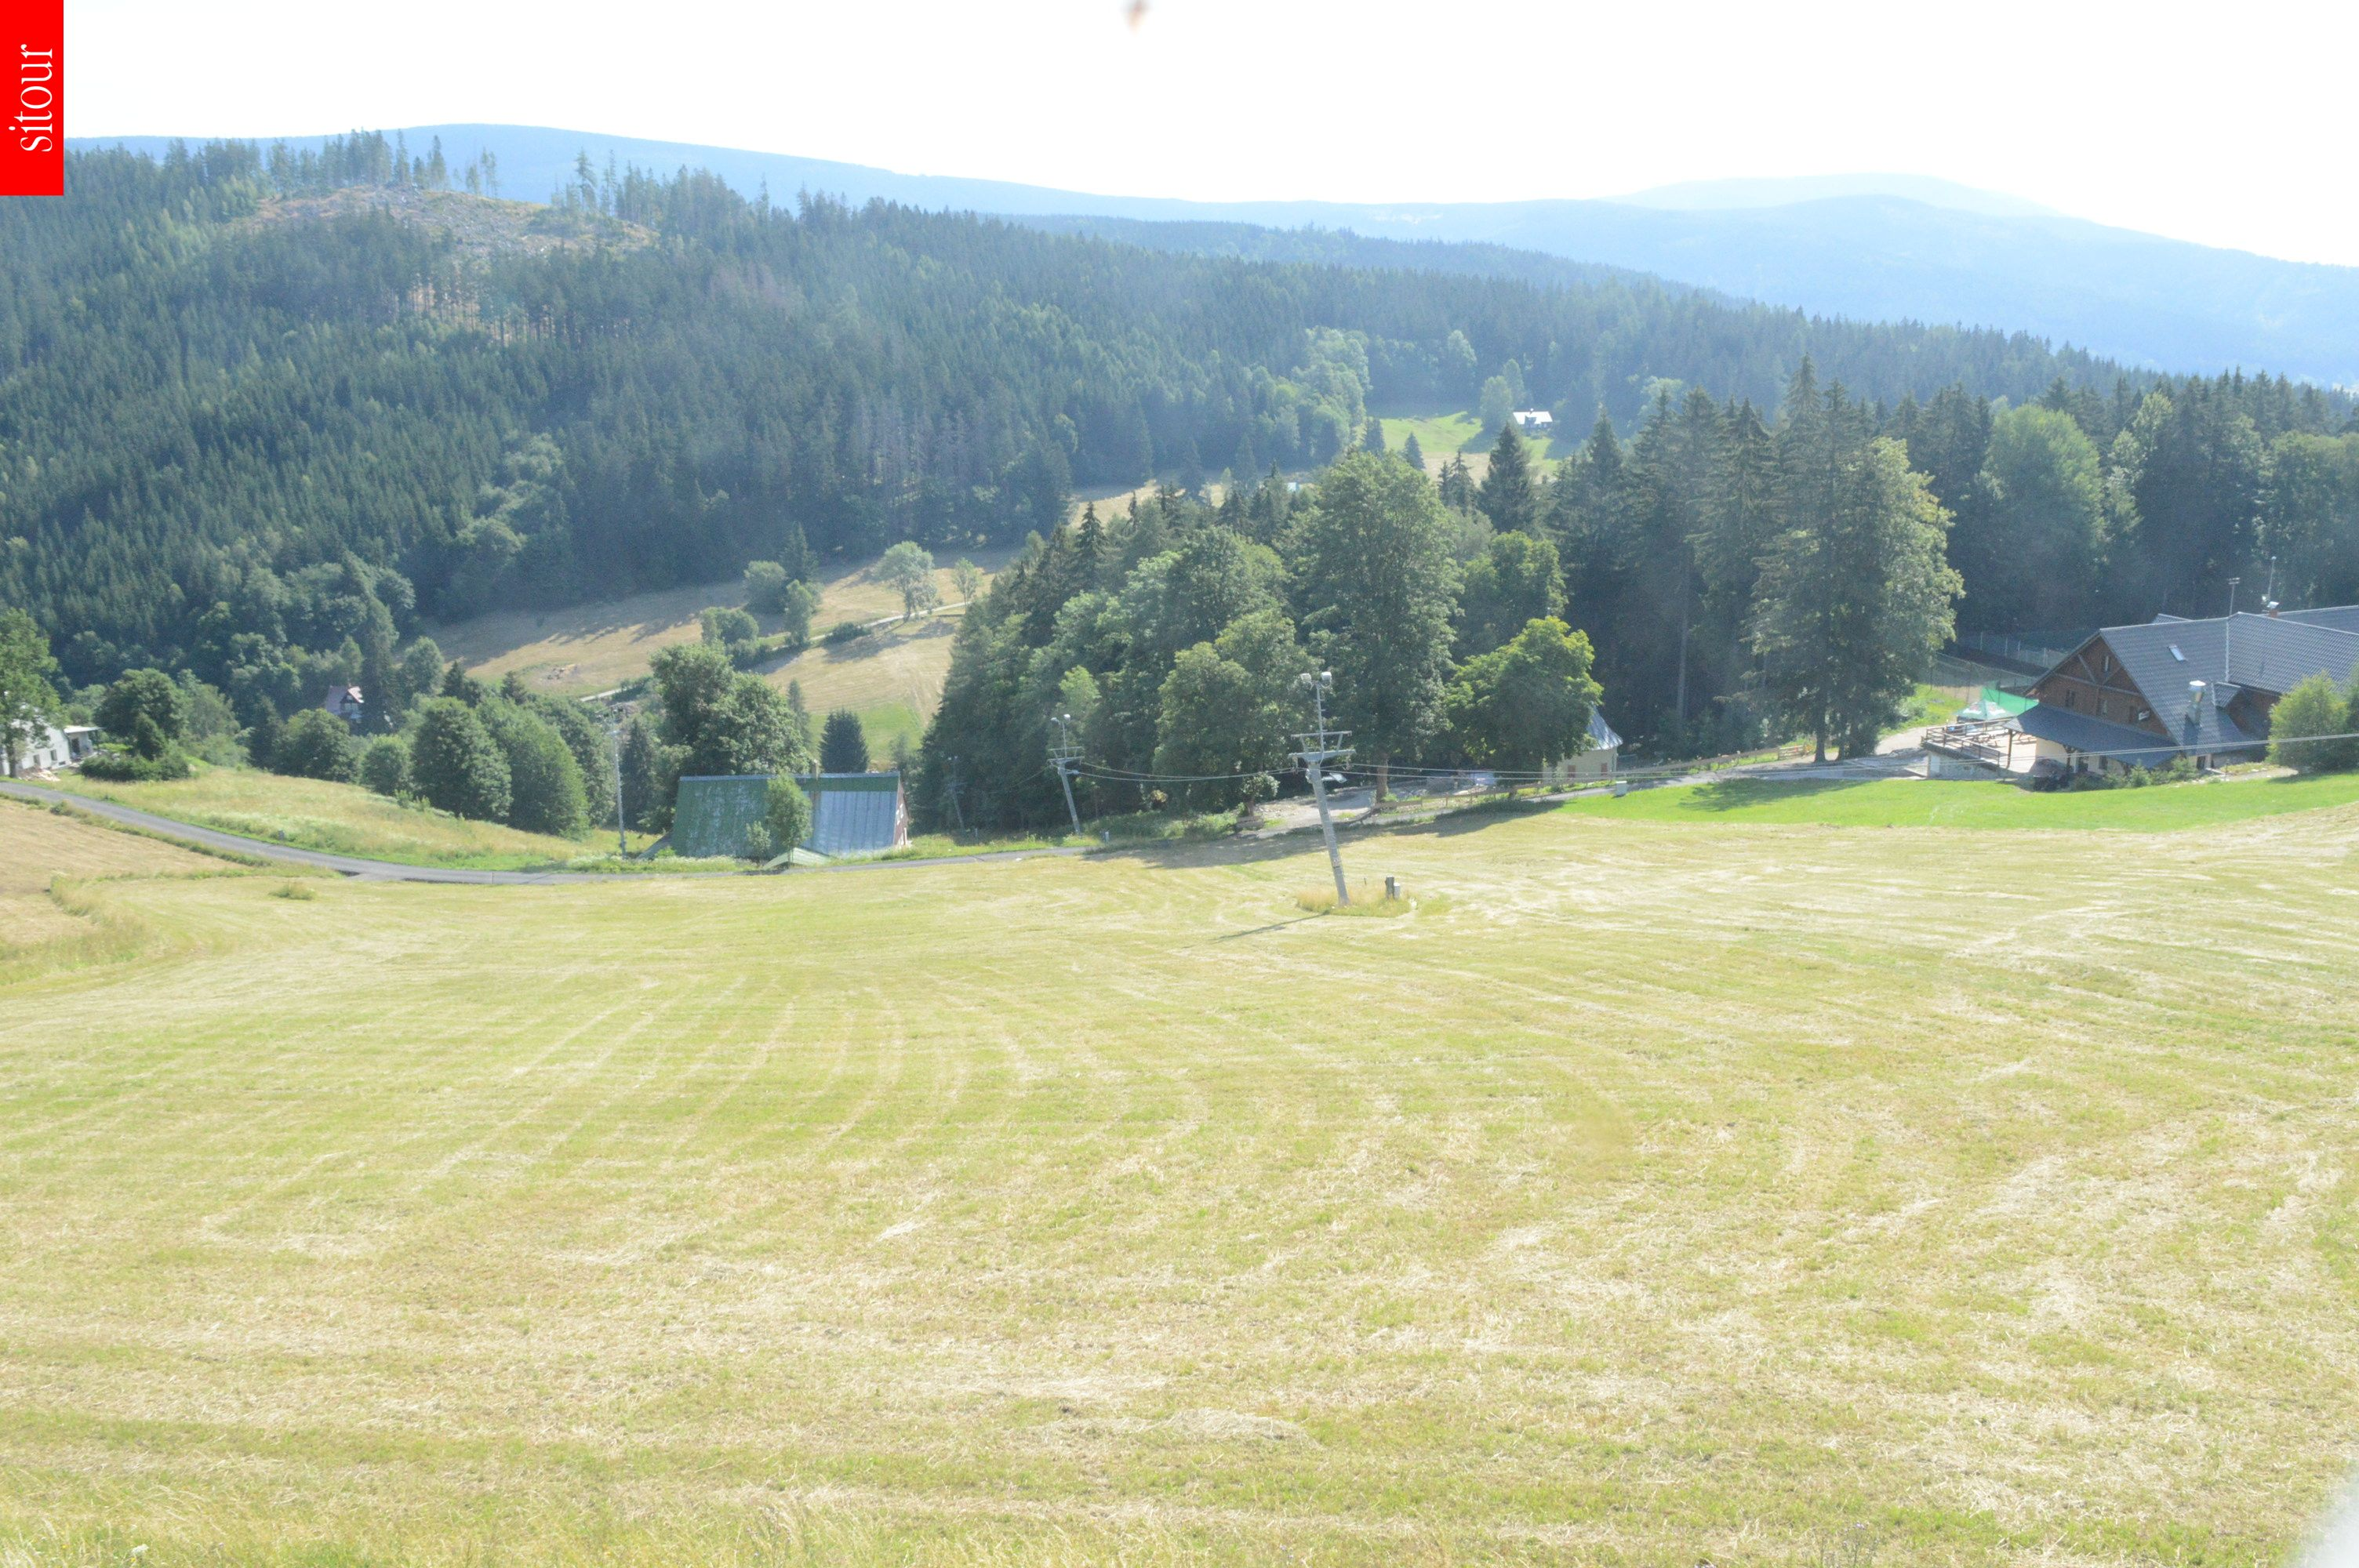 Webcam Skigebied Strazne cam 2 - Reuzengebergte